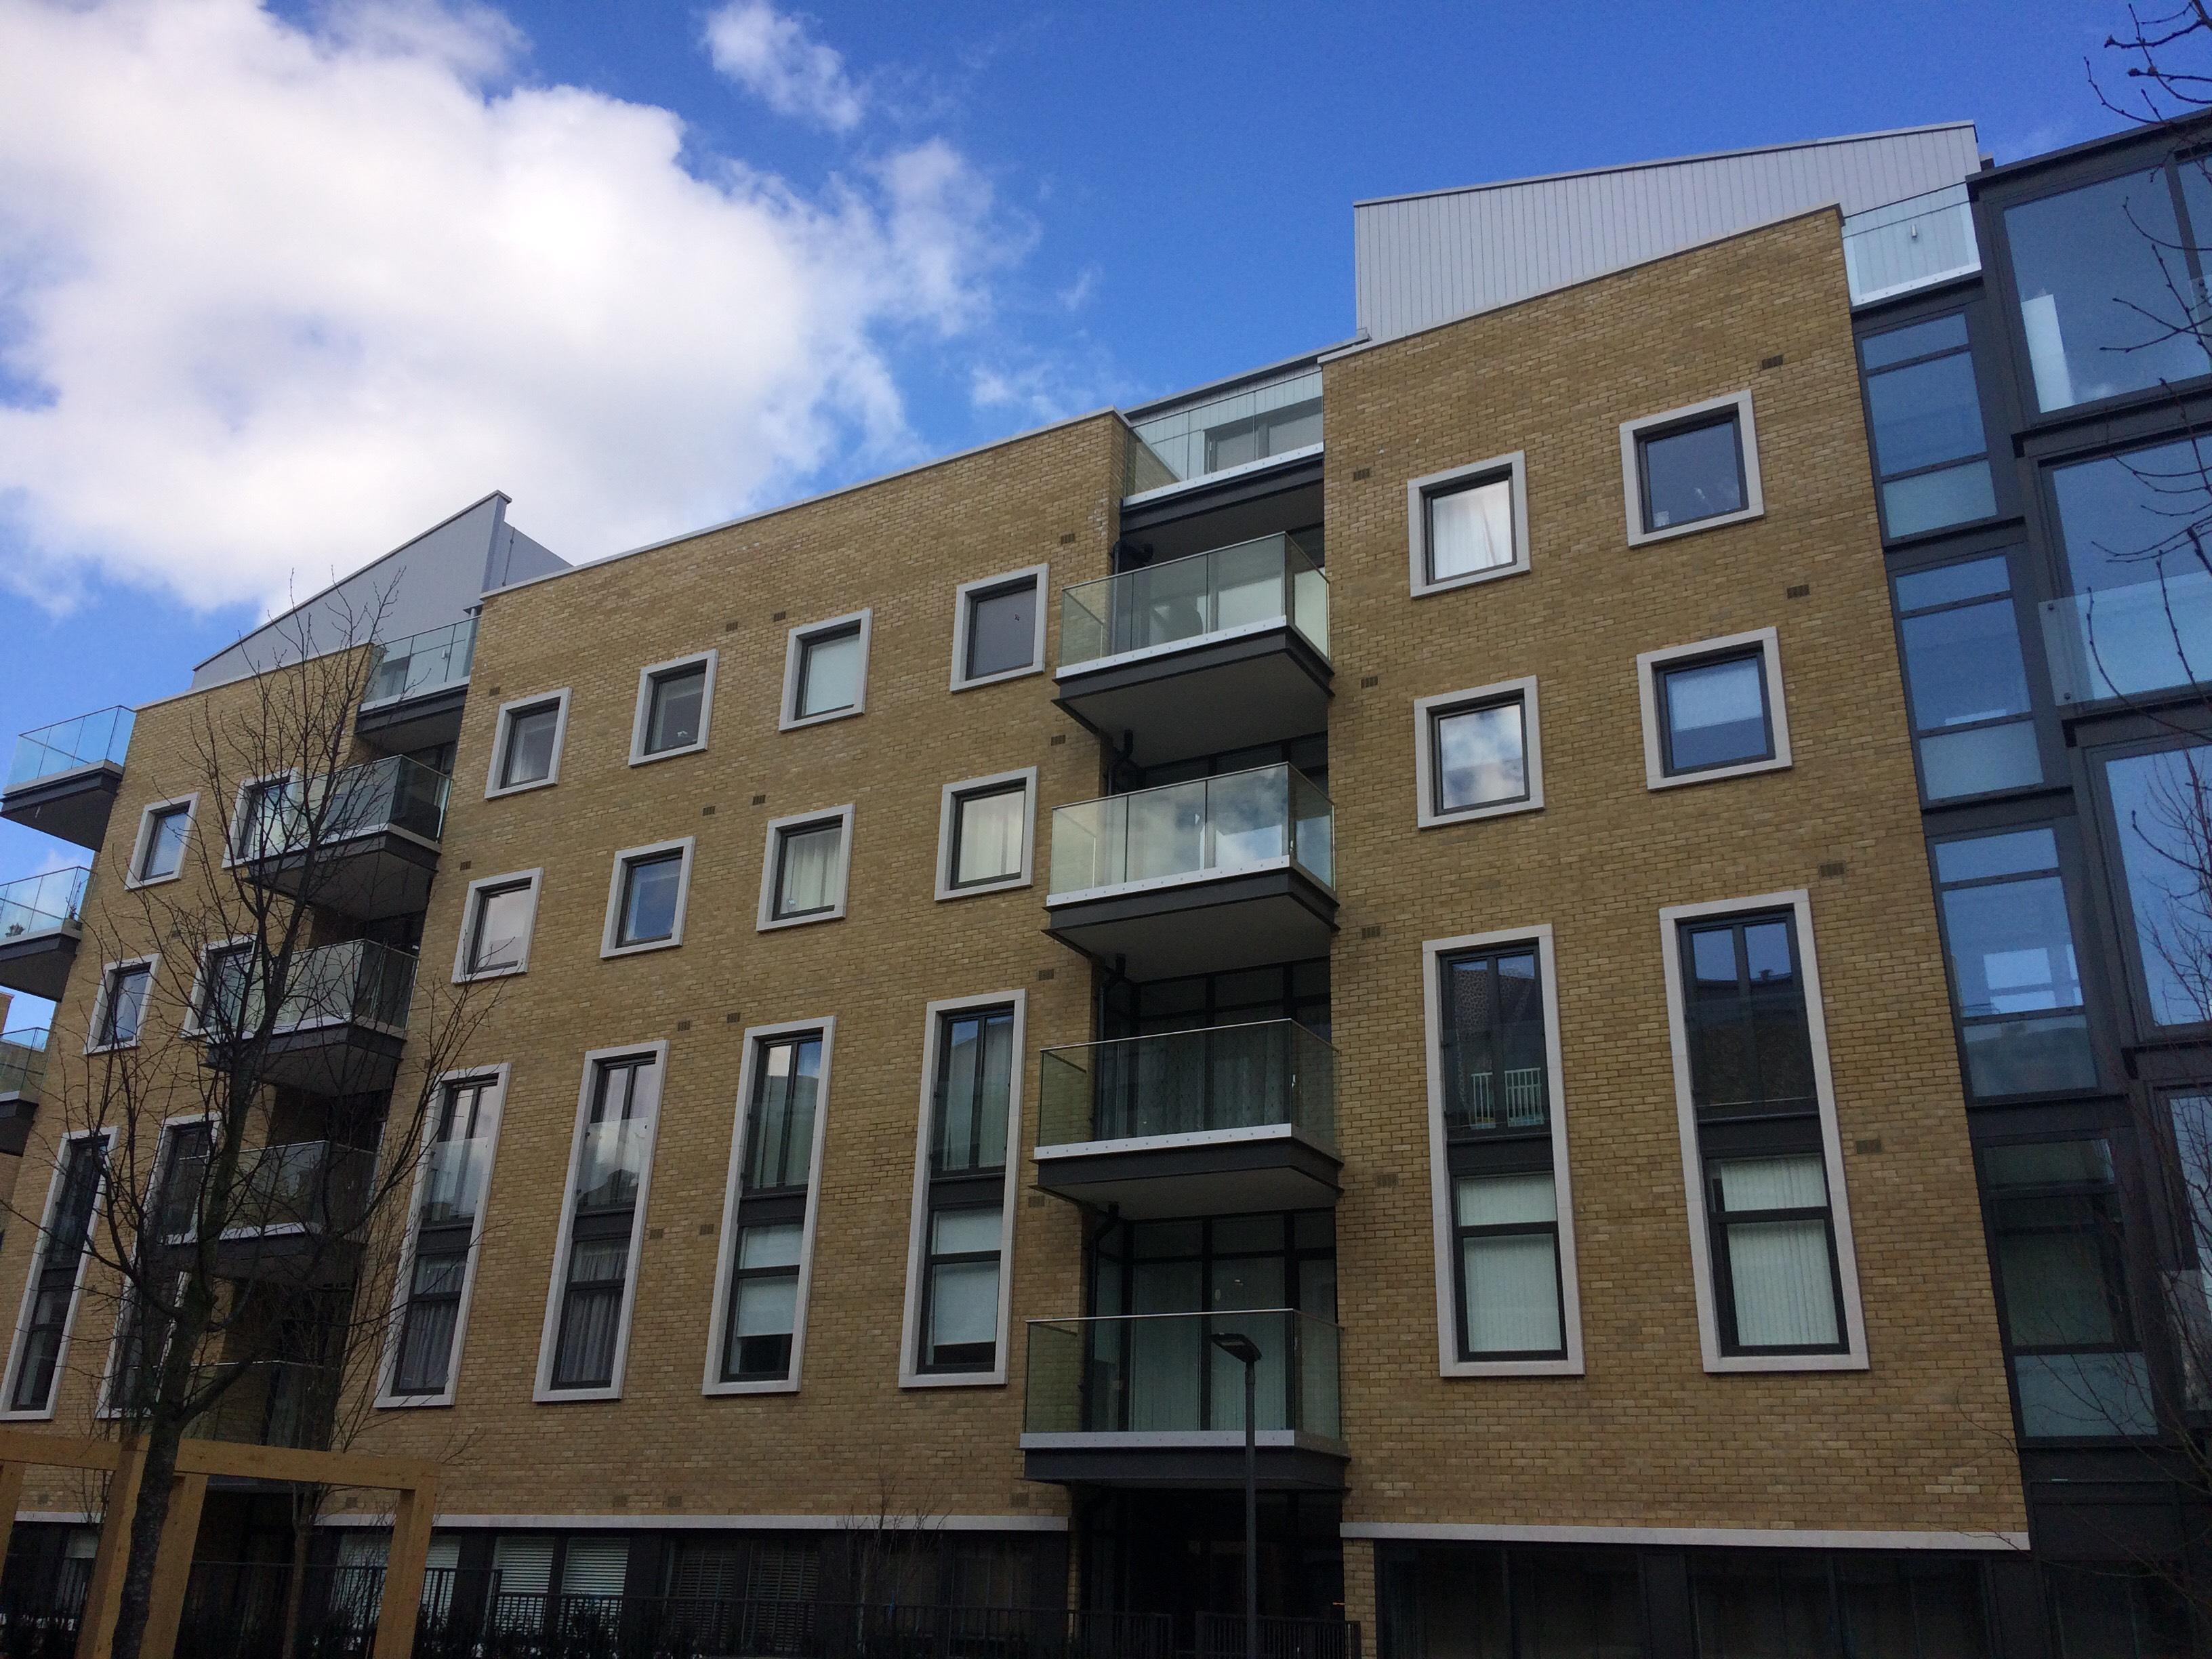 Syon_new_housing.jpg